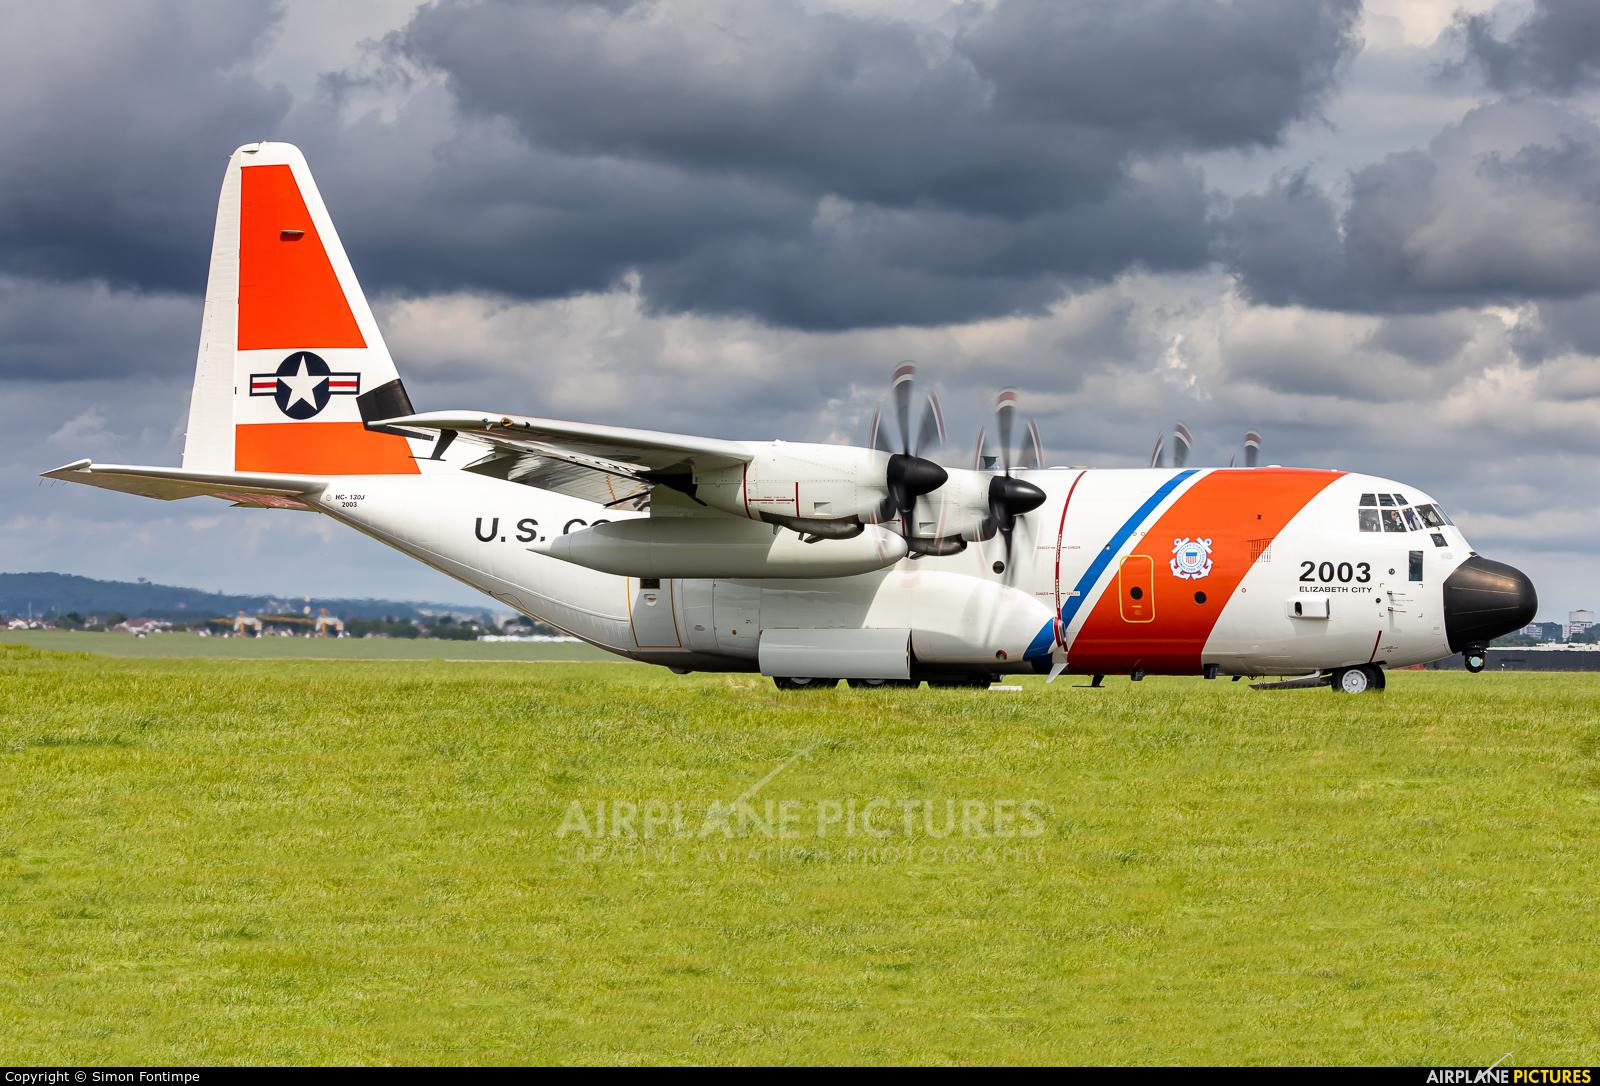 USA - Coast Guard 01-2003 aircraft at Paris - Le Bourget